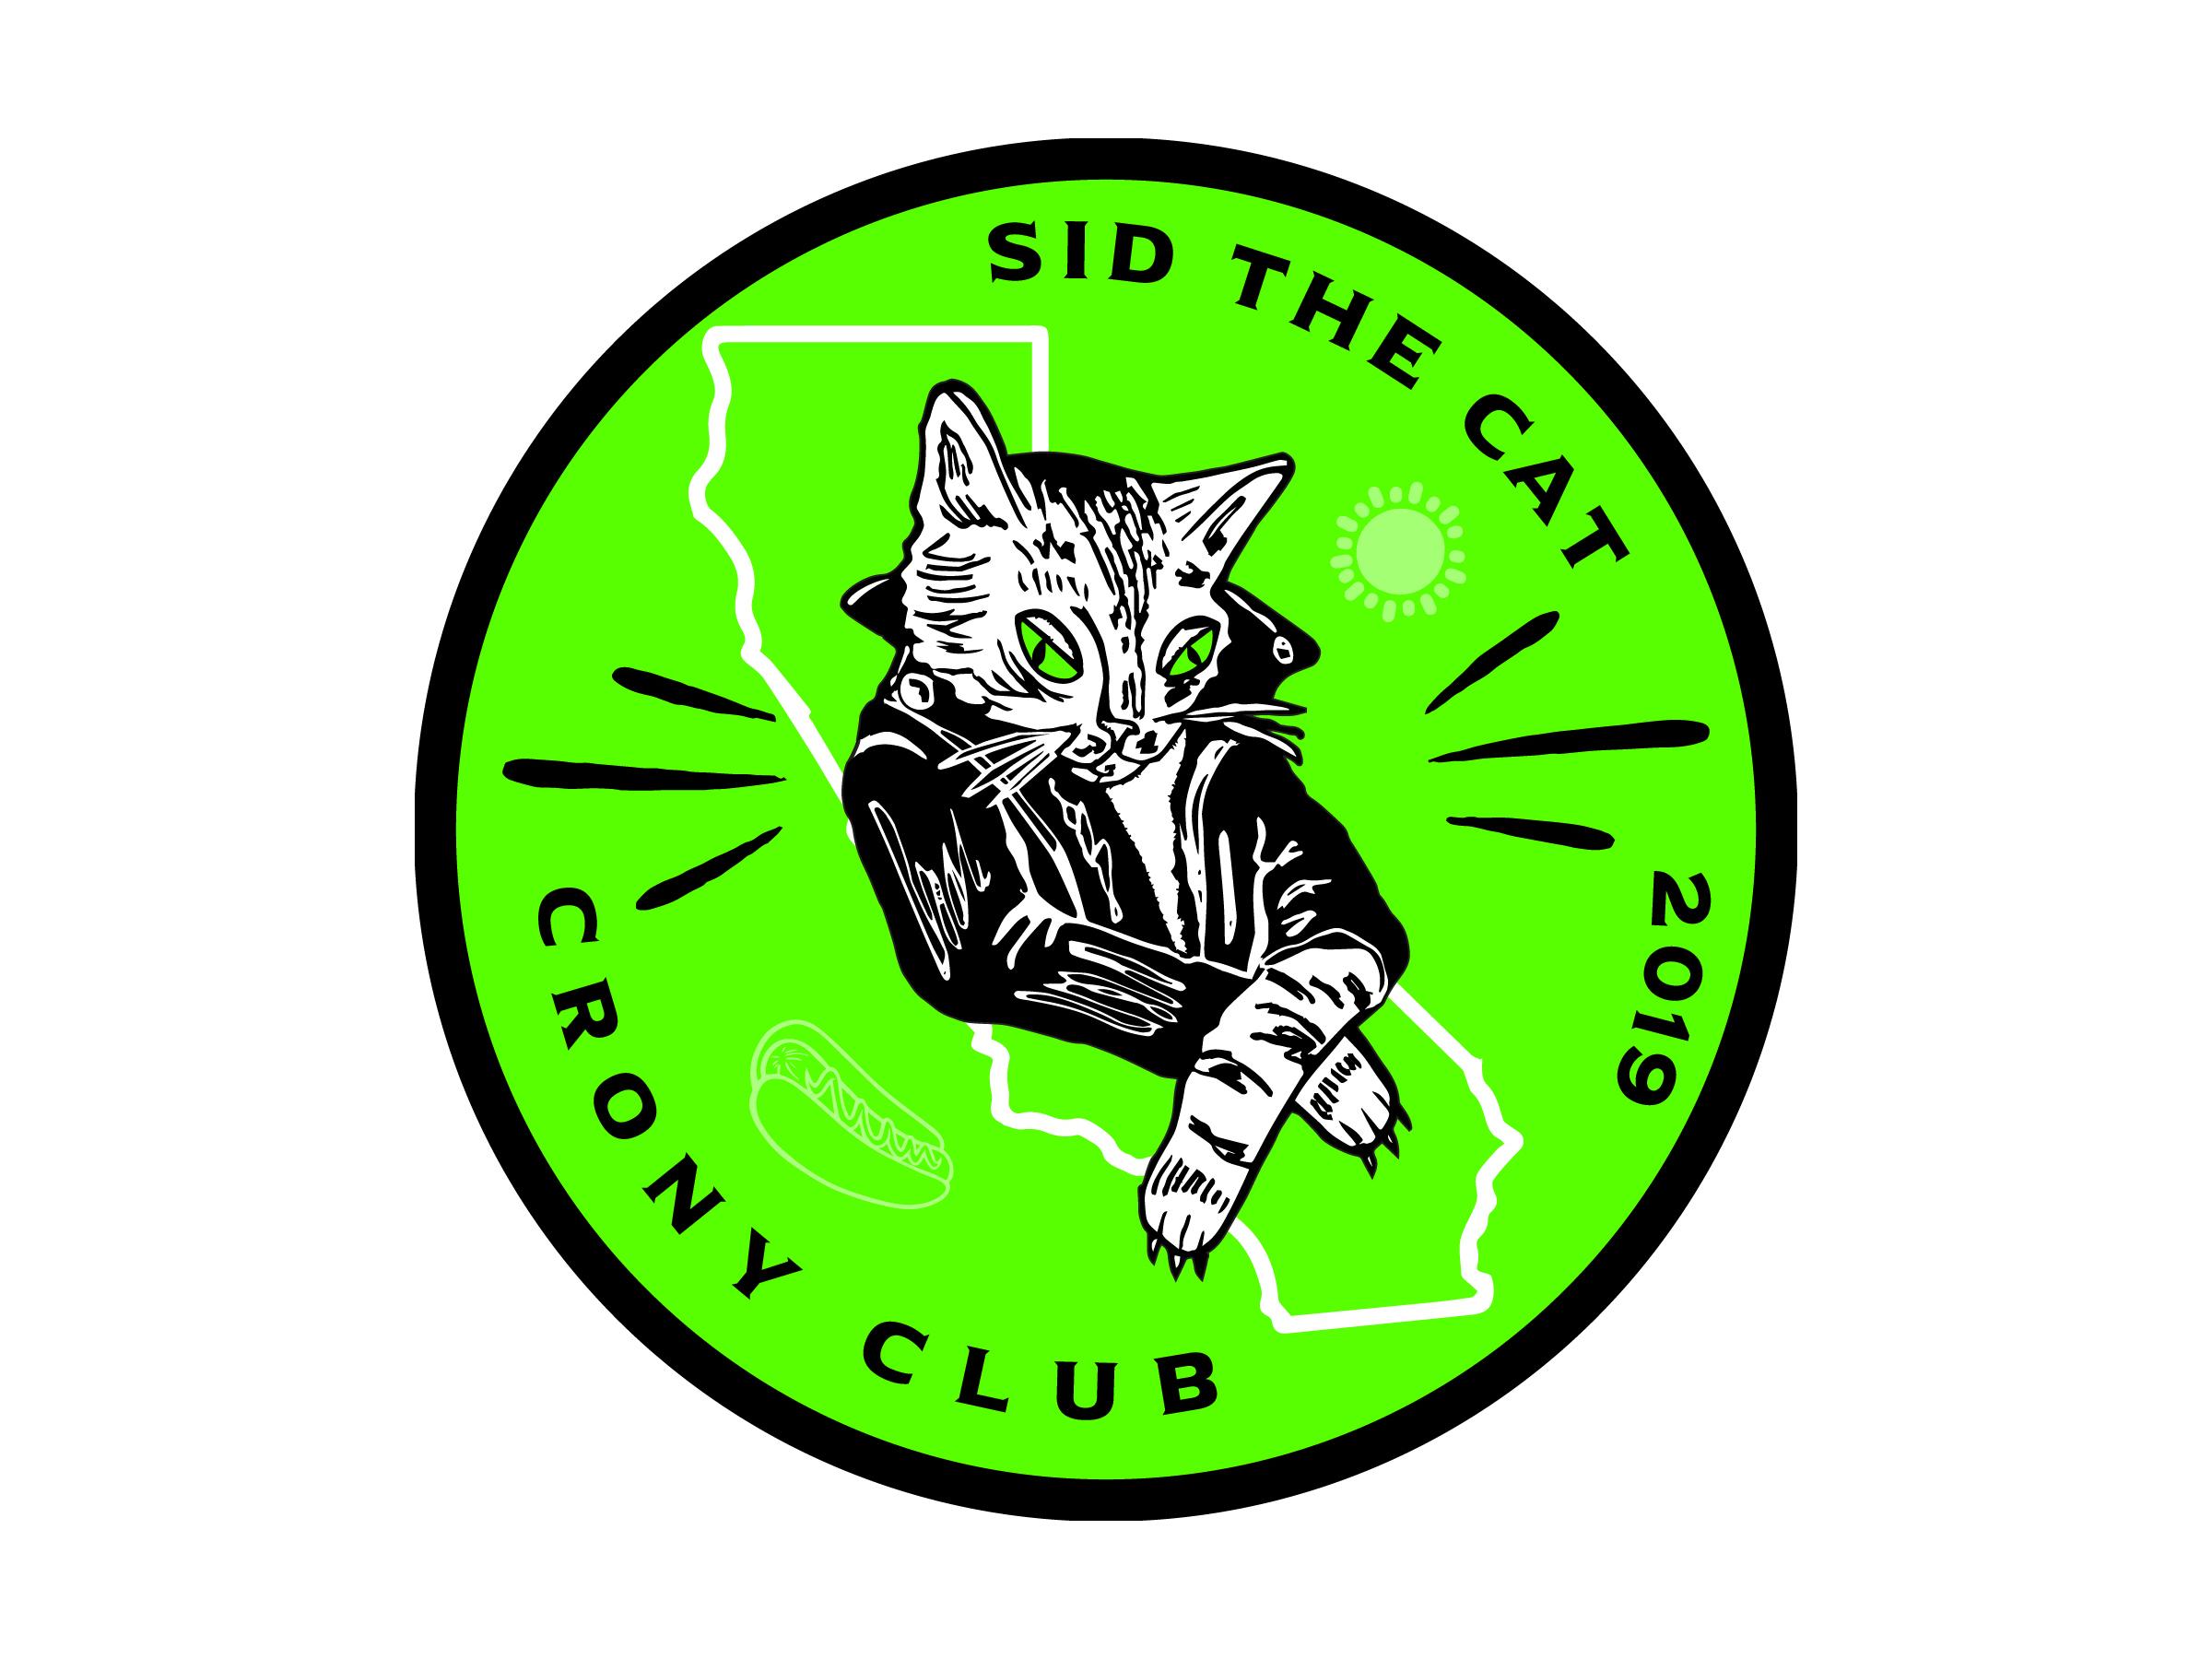 crony-club-01-web.jpg